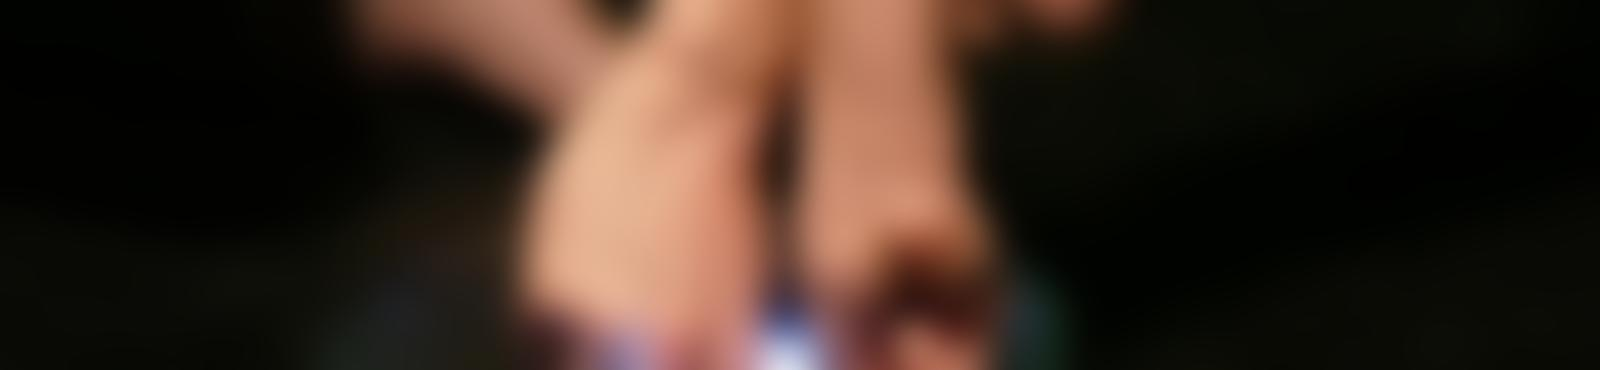 Blurred 06f16903 86a6 4ef6 9e9b 5bb5d35dabb5